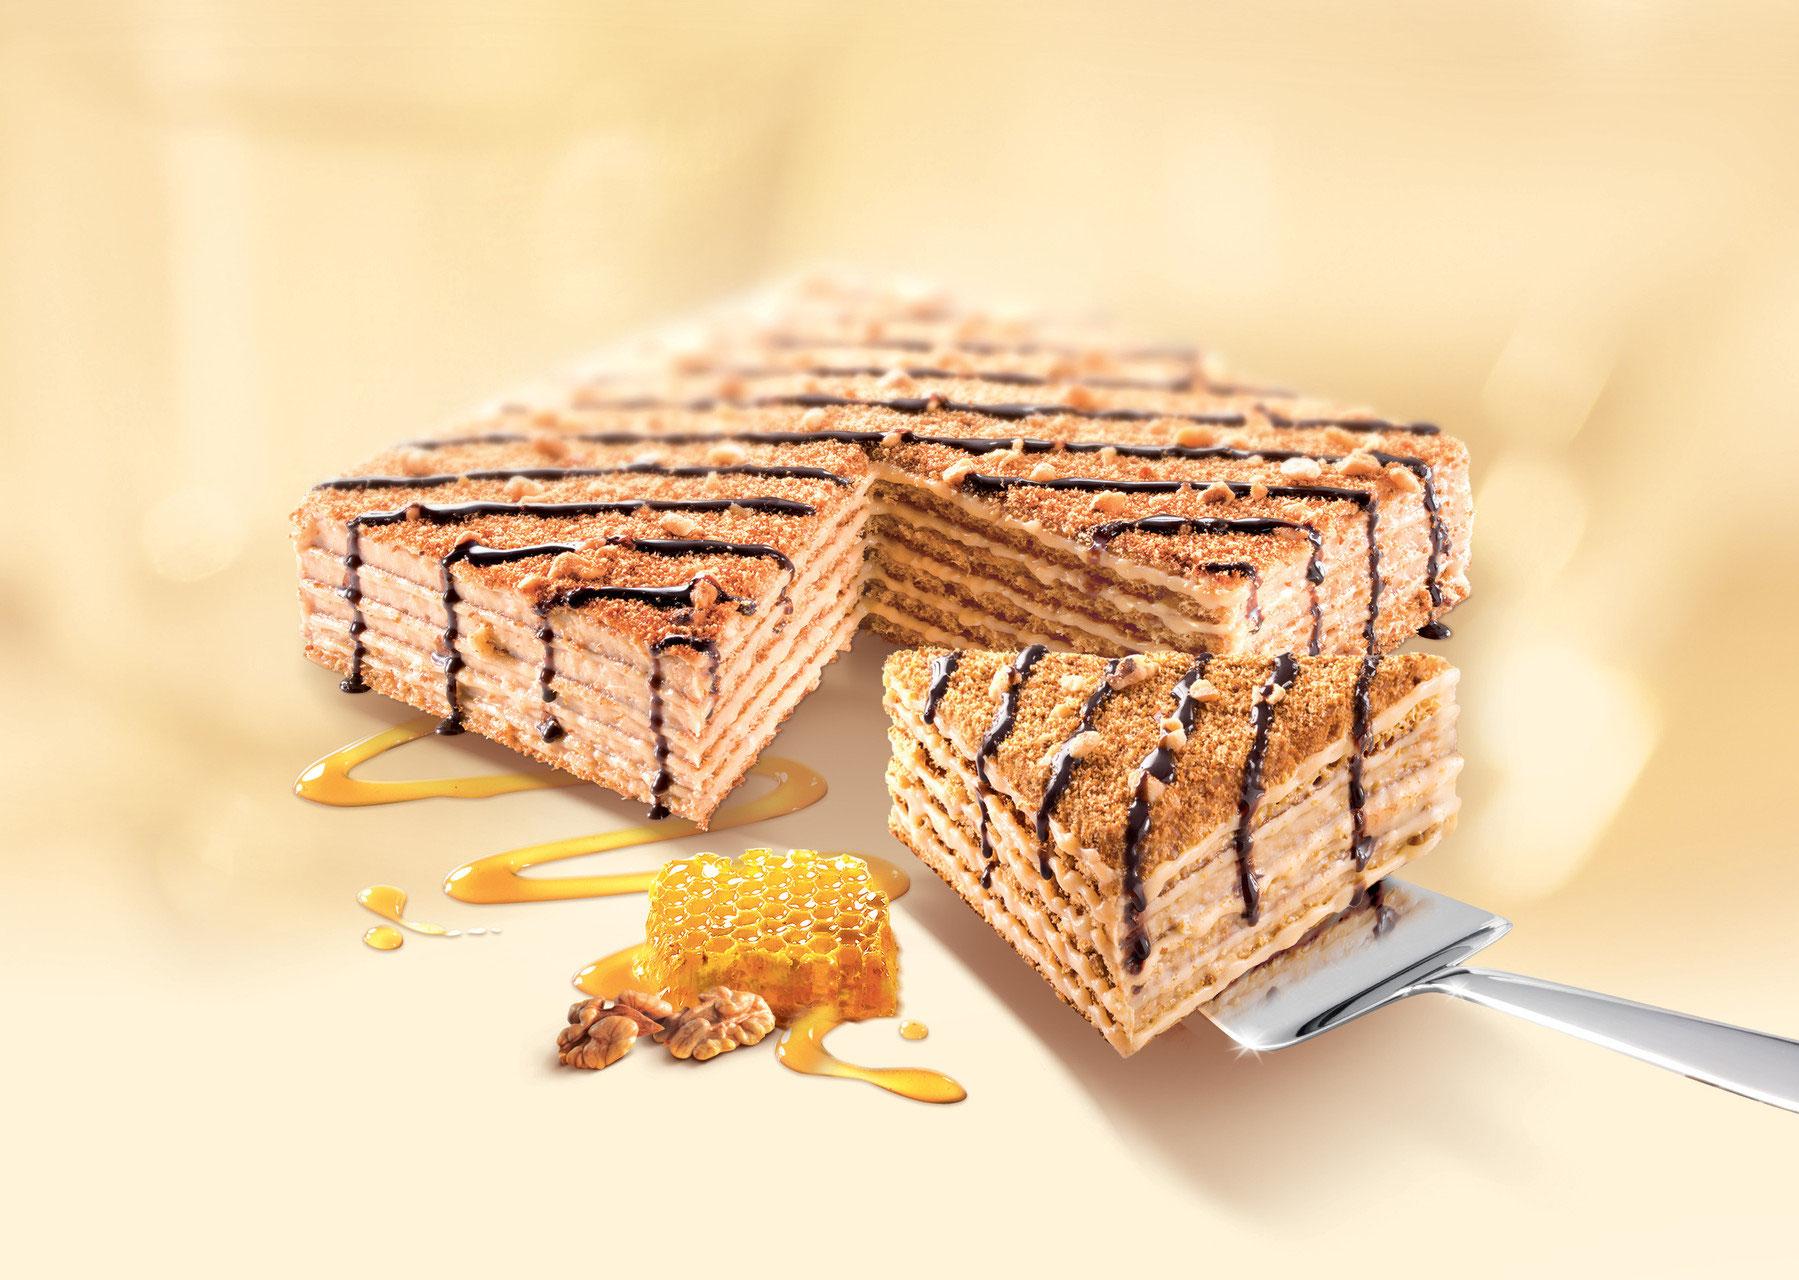 Produkte  Marlenka Torten Wien sterreich  Torten bestellen